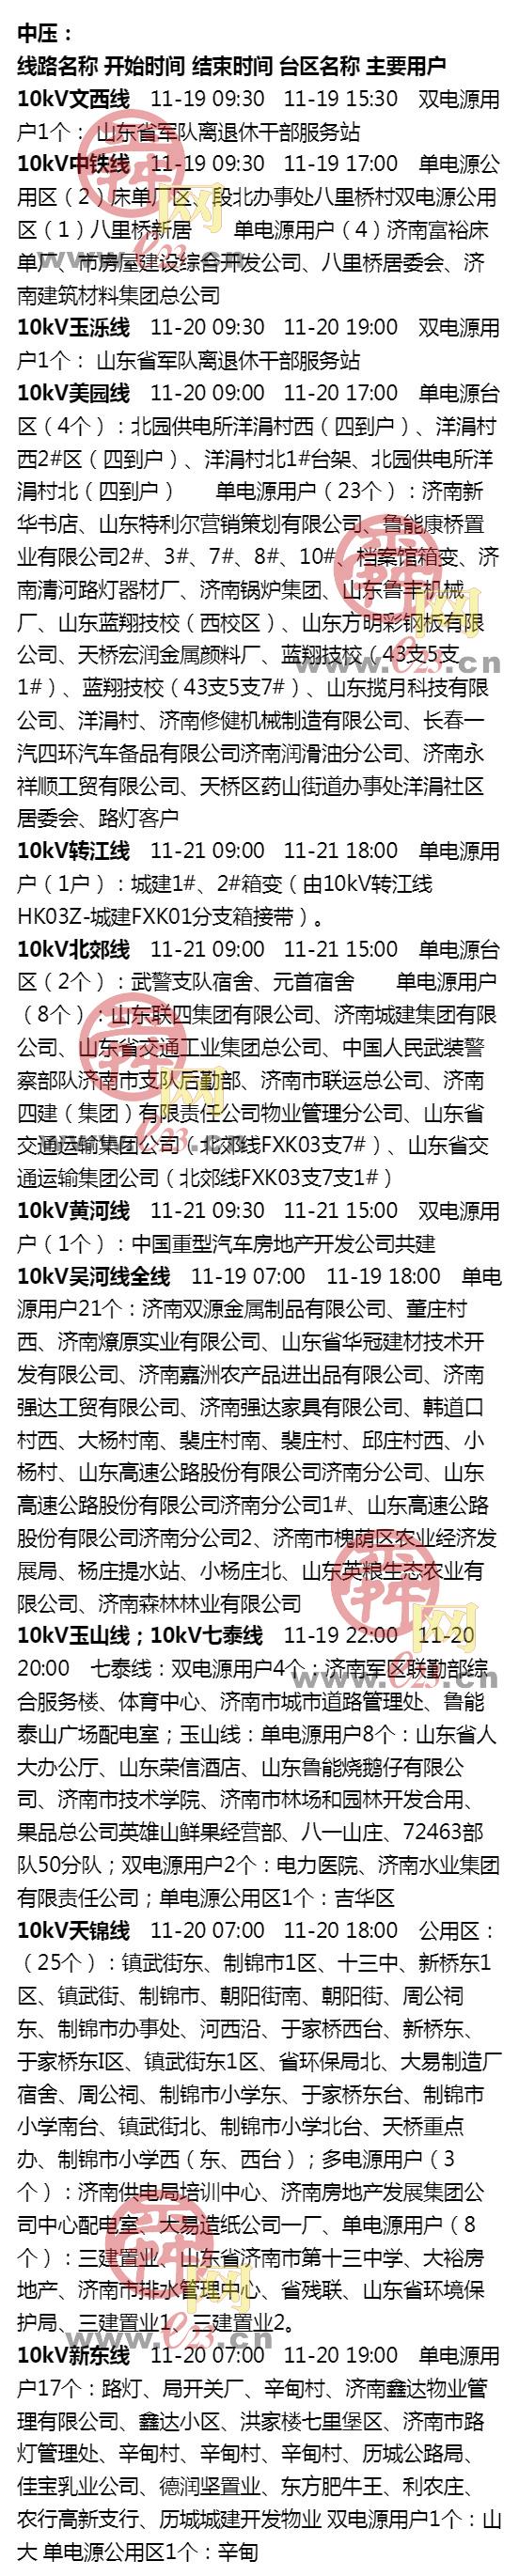 11月17日至11月23日济南部分区域电力设备检修通知